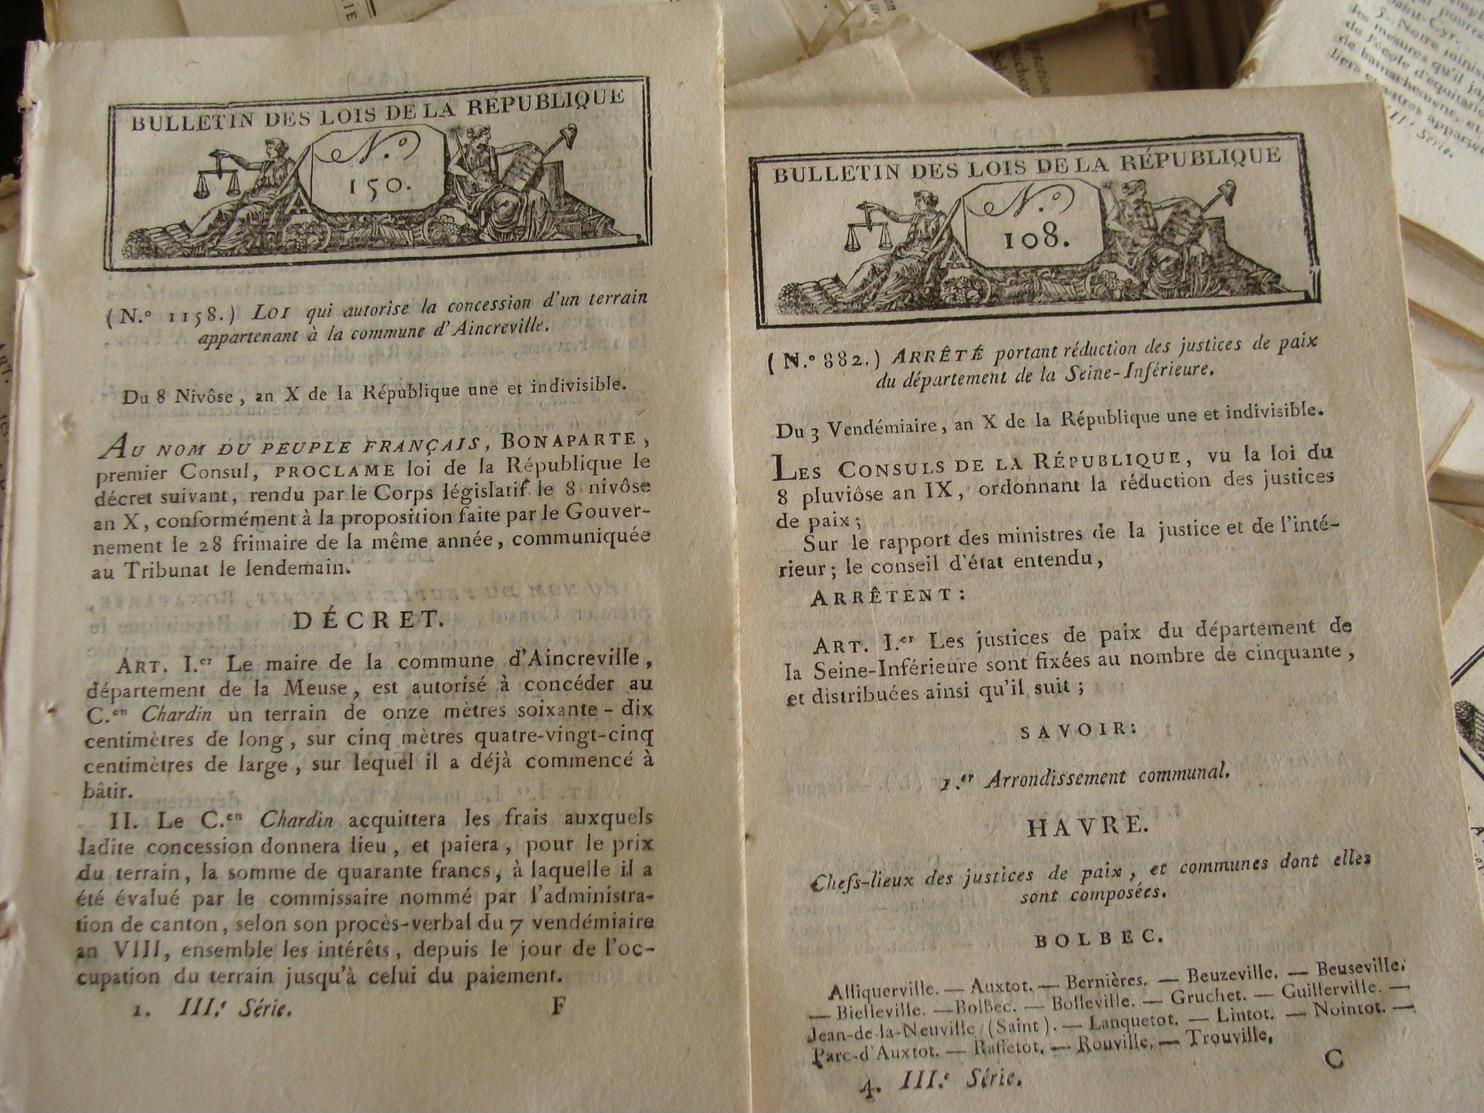 LOT DE 950 BULLETINS DES LOIS PRINCIPALEMENT ENTRE 1795 ET 1825  NAPOLEON REVOLUTION FRANCAISE RESTAURATION - Décrets & Lois